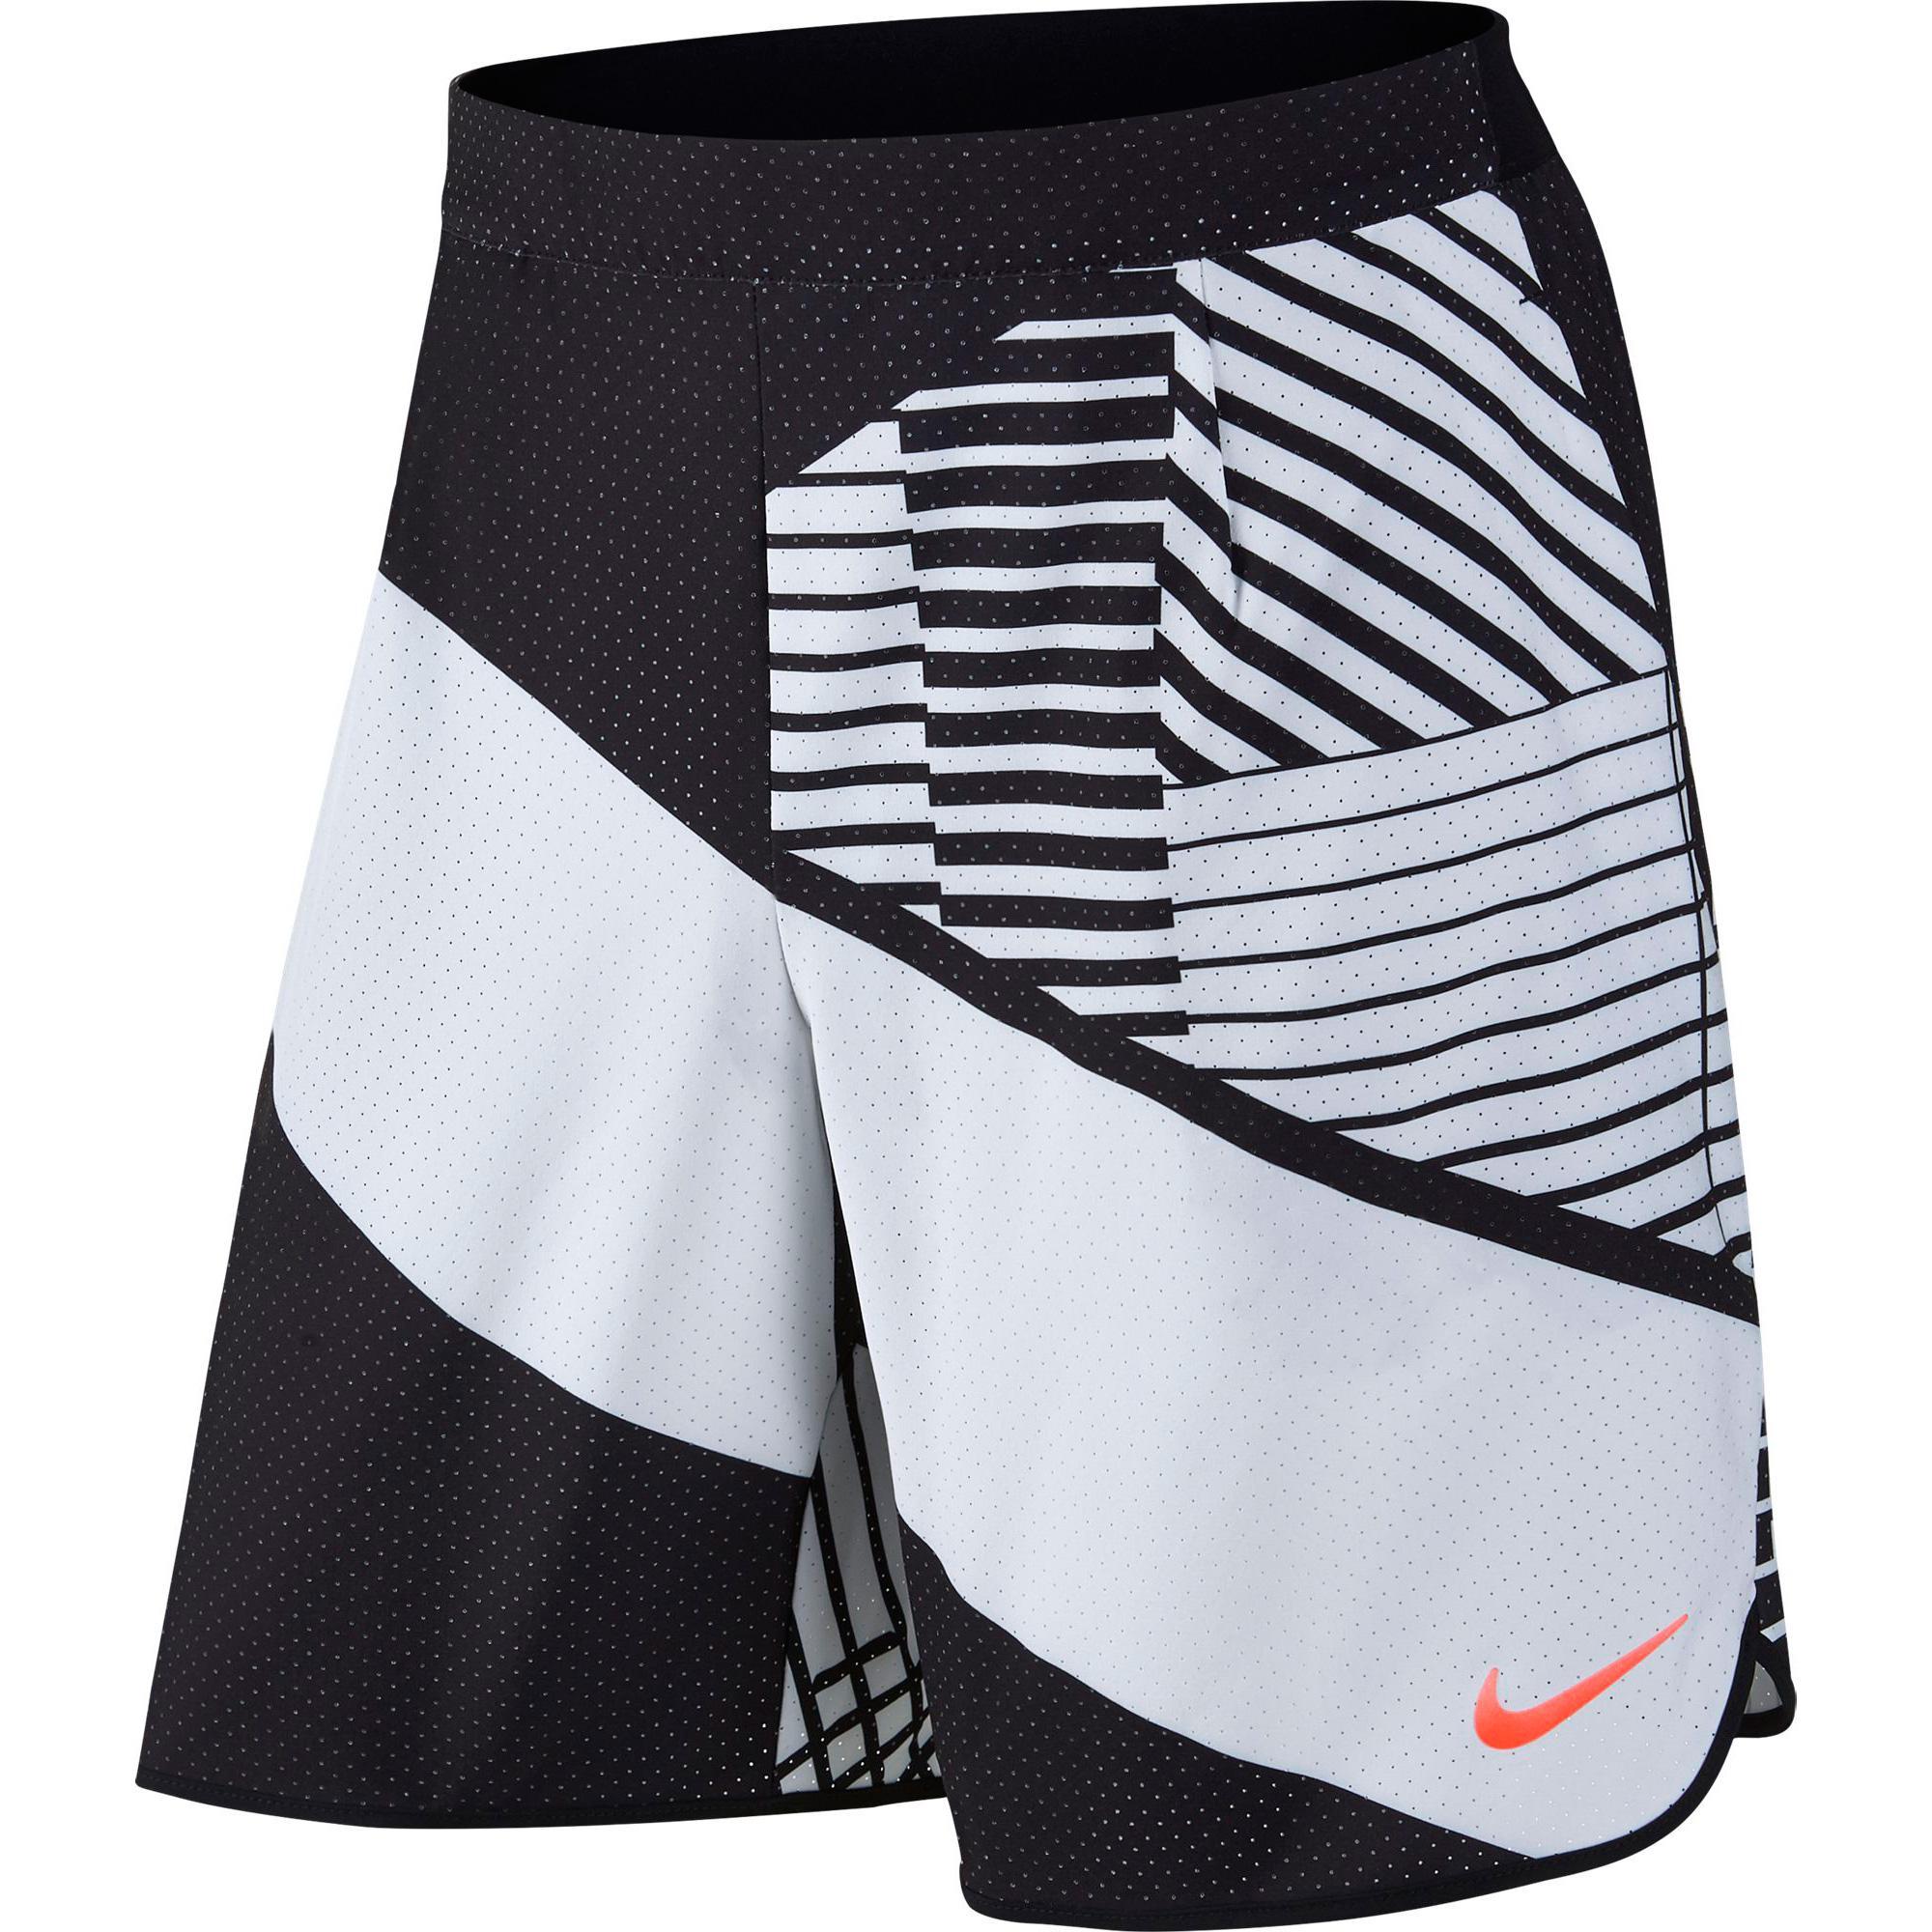 Nike Mens Flex 9 Inch Tennis Shorts - White Black - Tennisnuts.com 11ac208f4adc